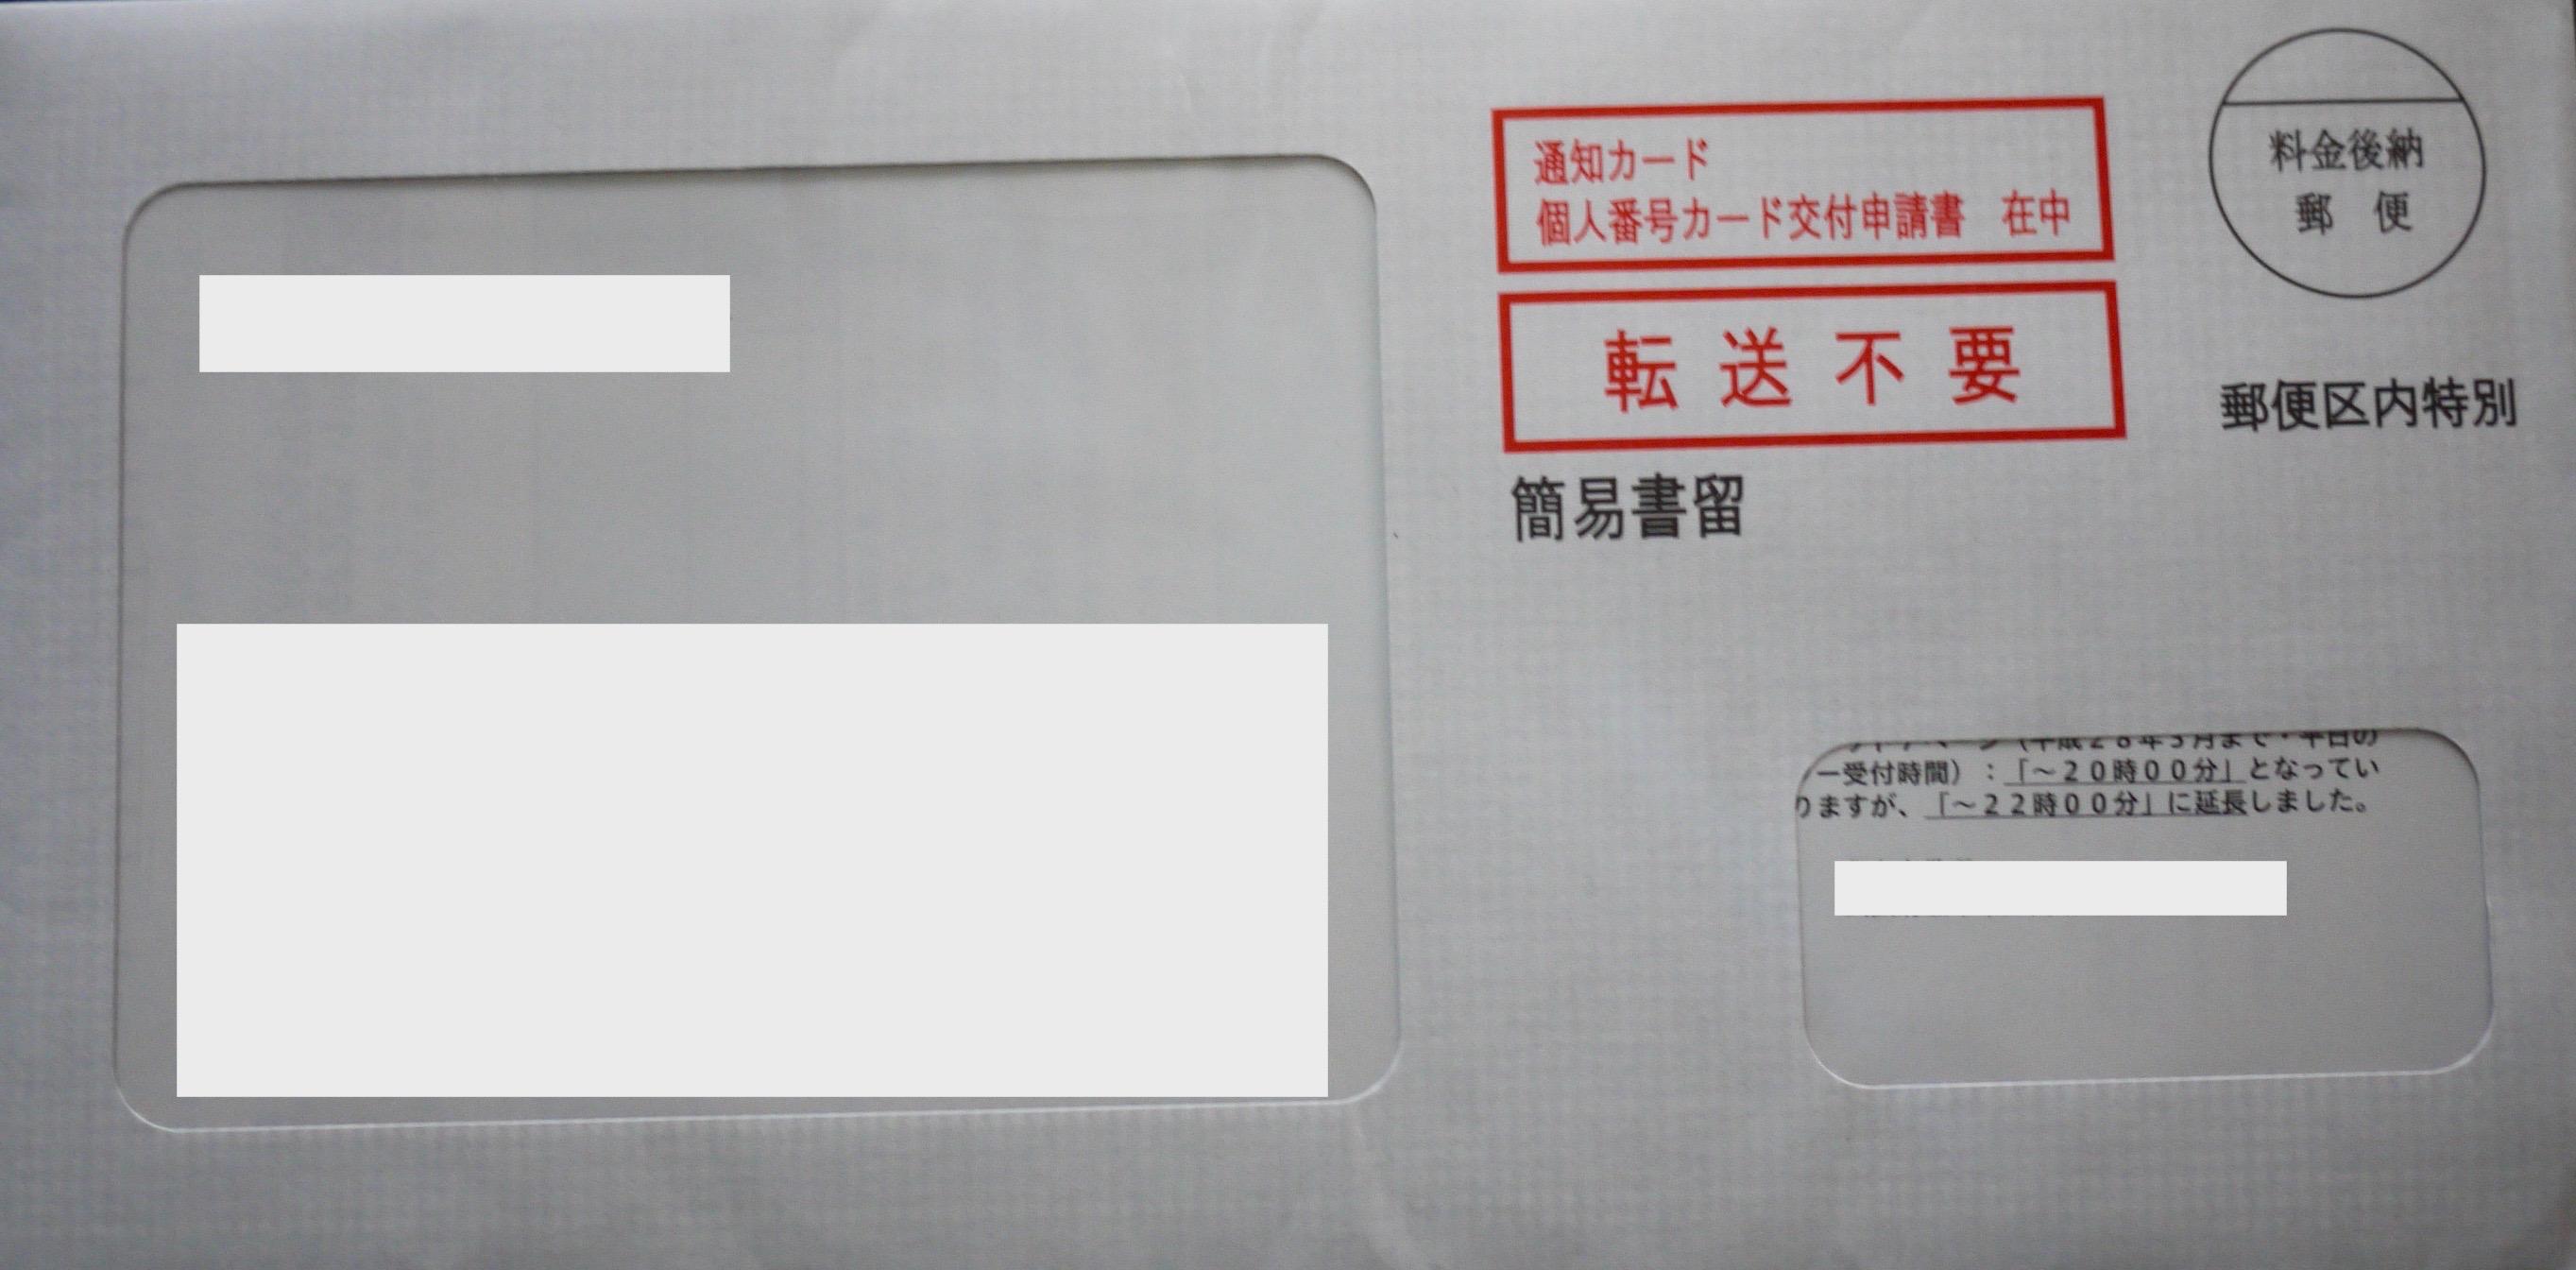 マイナンバー封筒